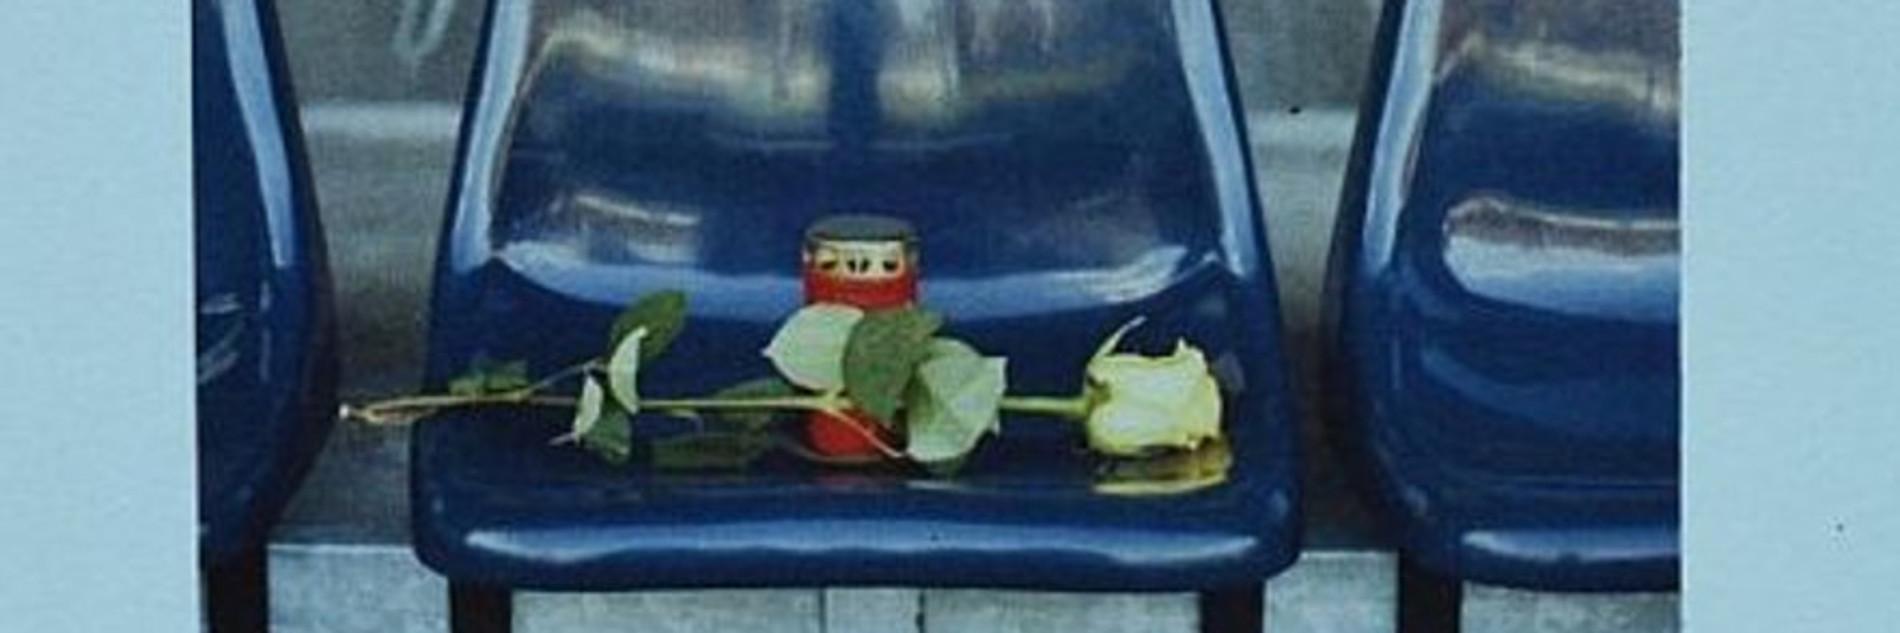 Eine weiße Rose und eine rote Grabkerze auf einem leeren Stadionsitz.